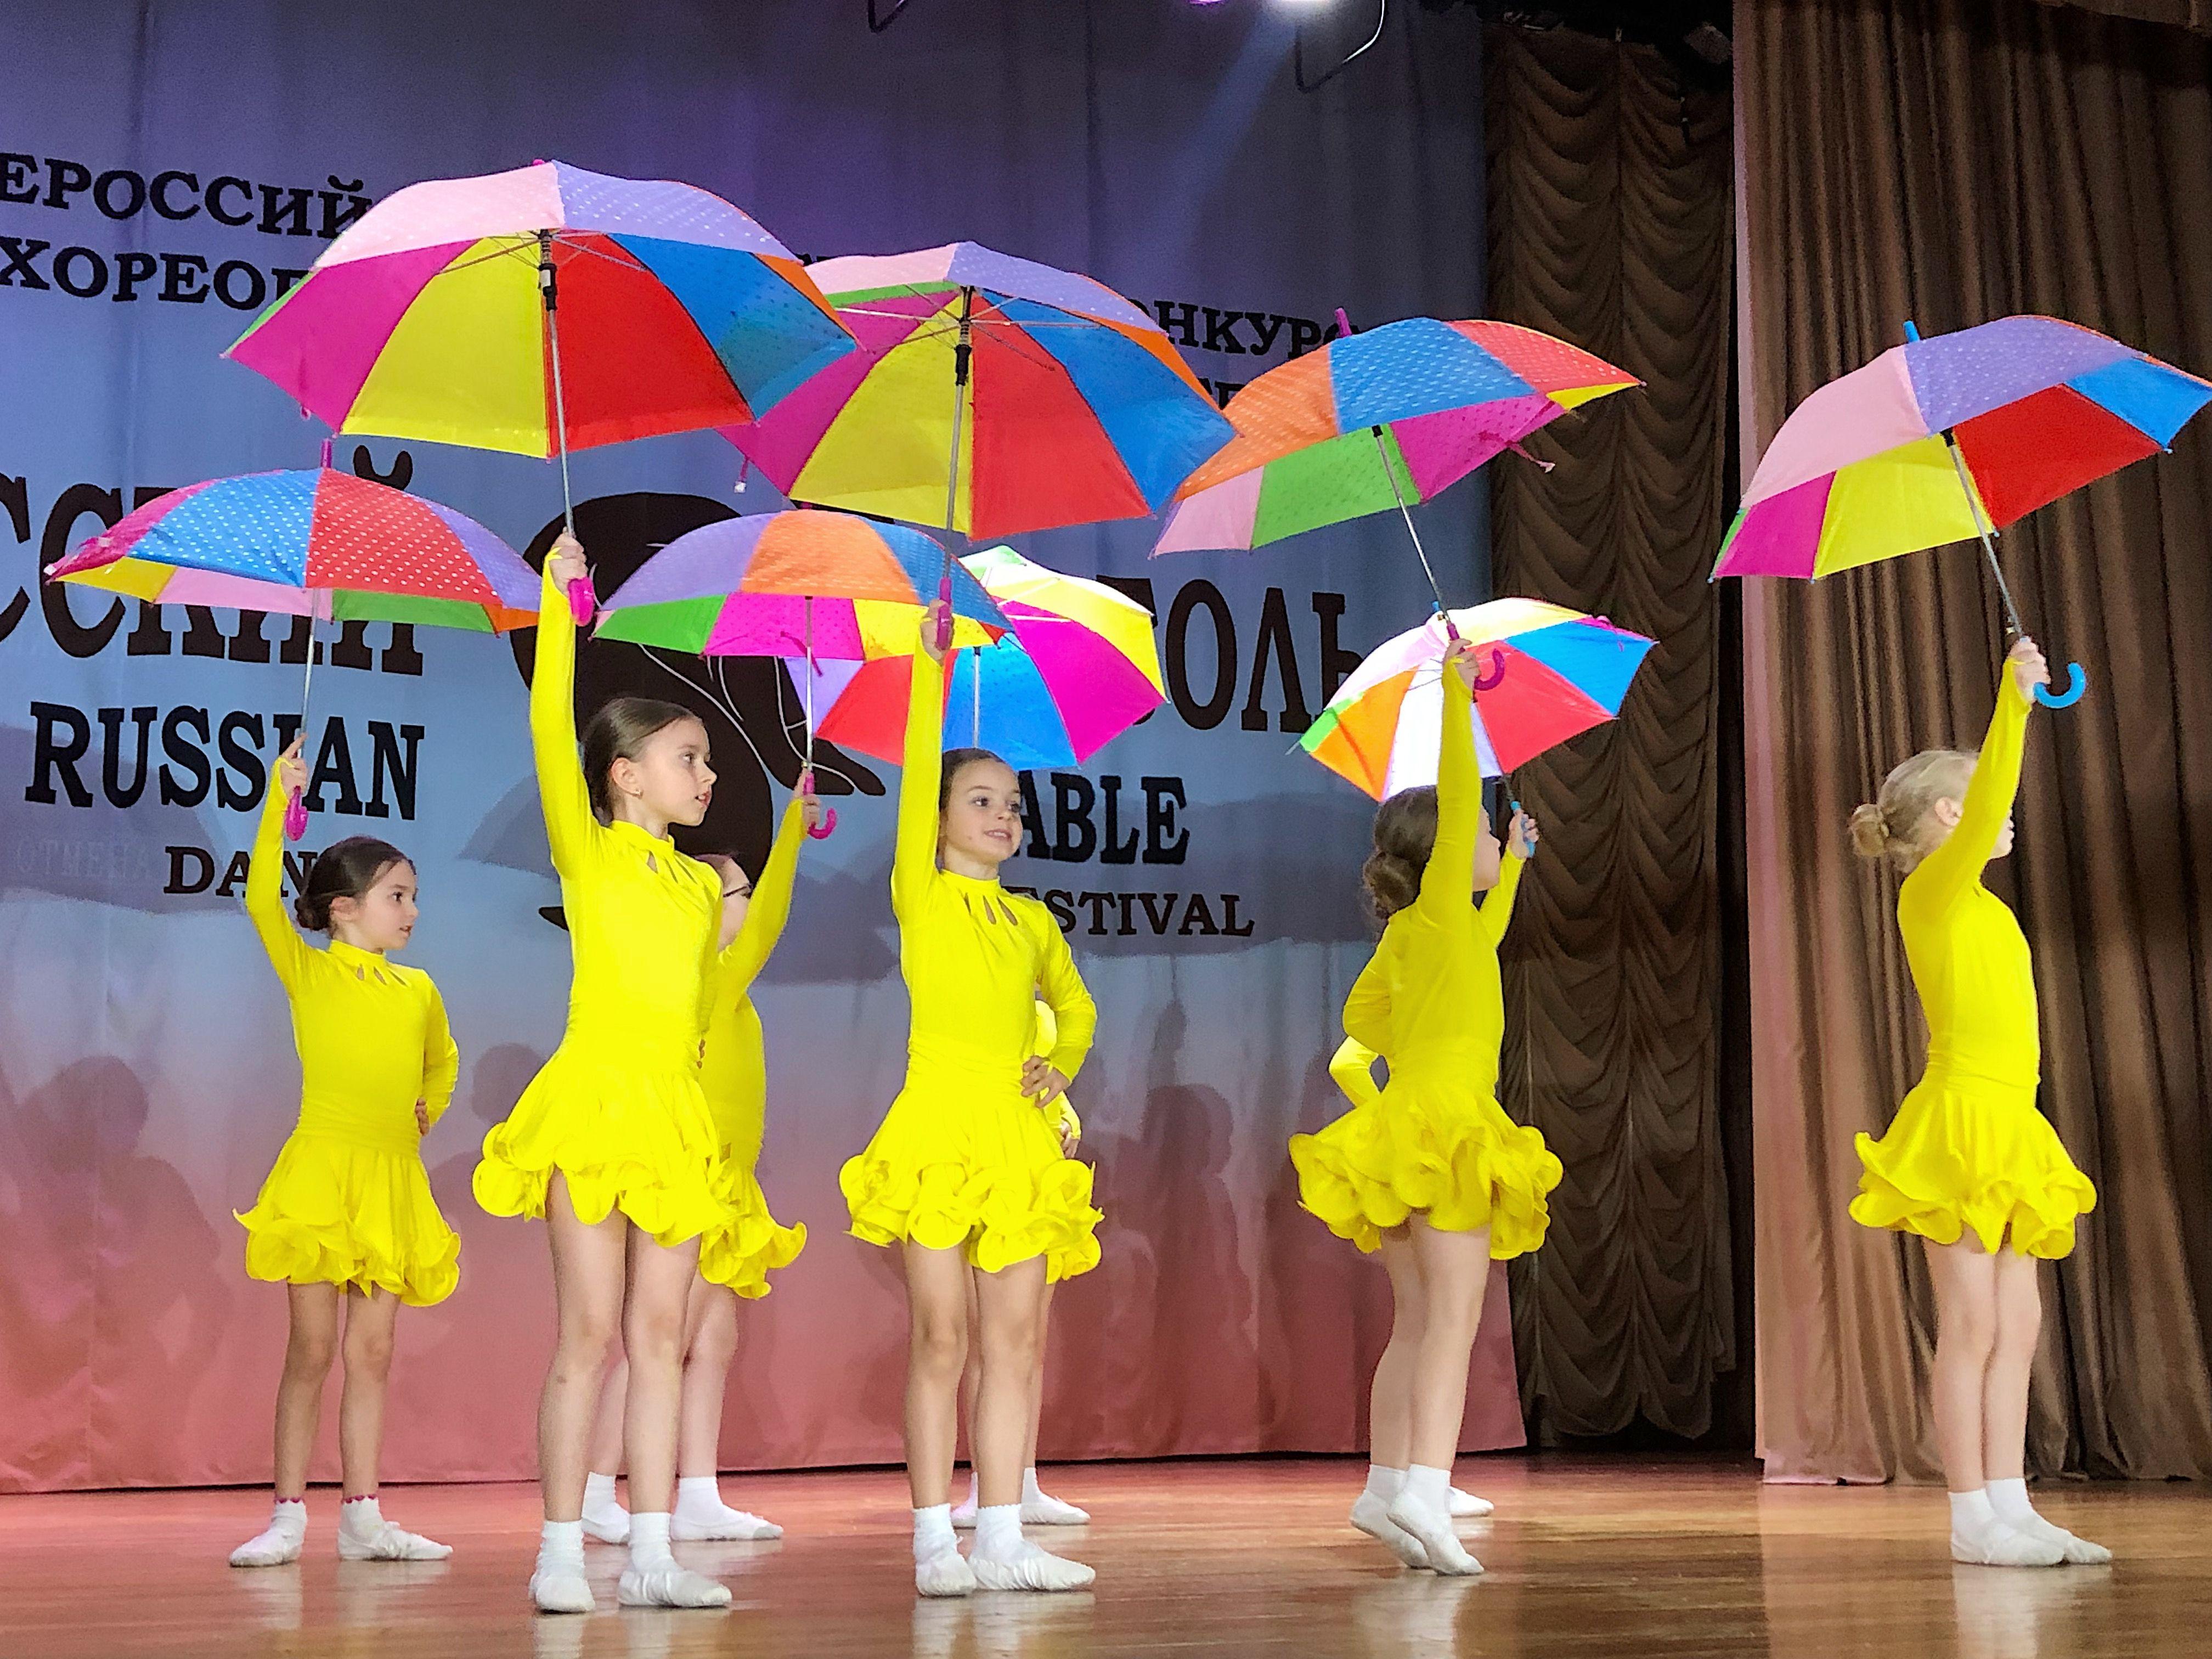 Ведущий хореографический коллектив Москвы «Апельсиновая страна». Фото: Анастасия Аброськина